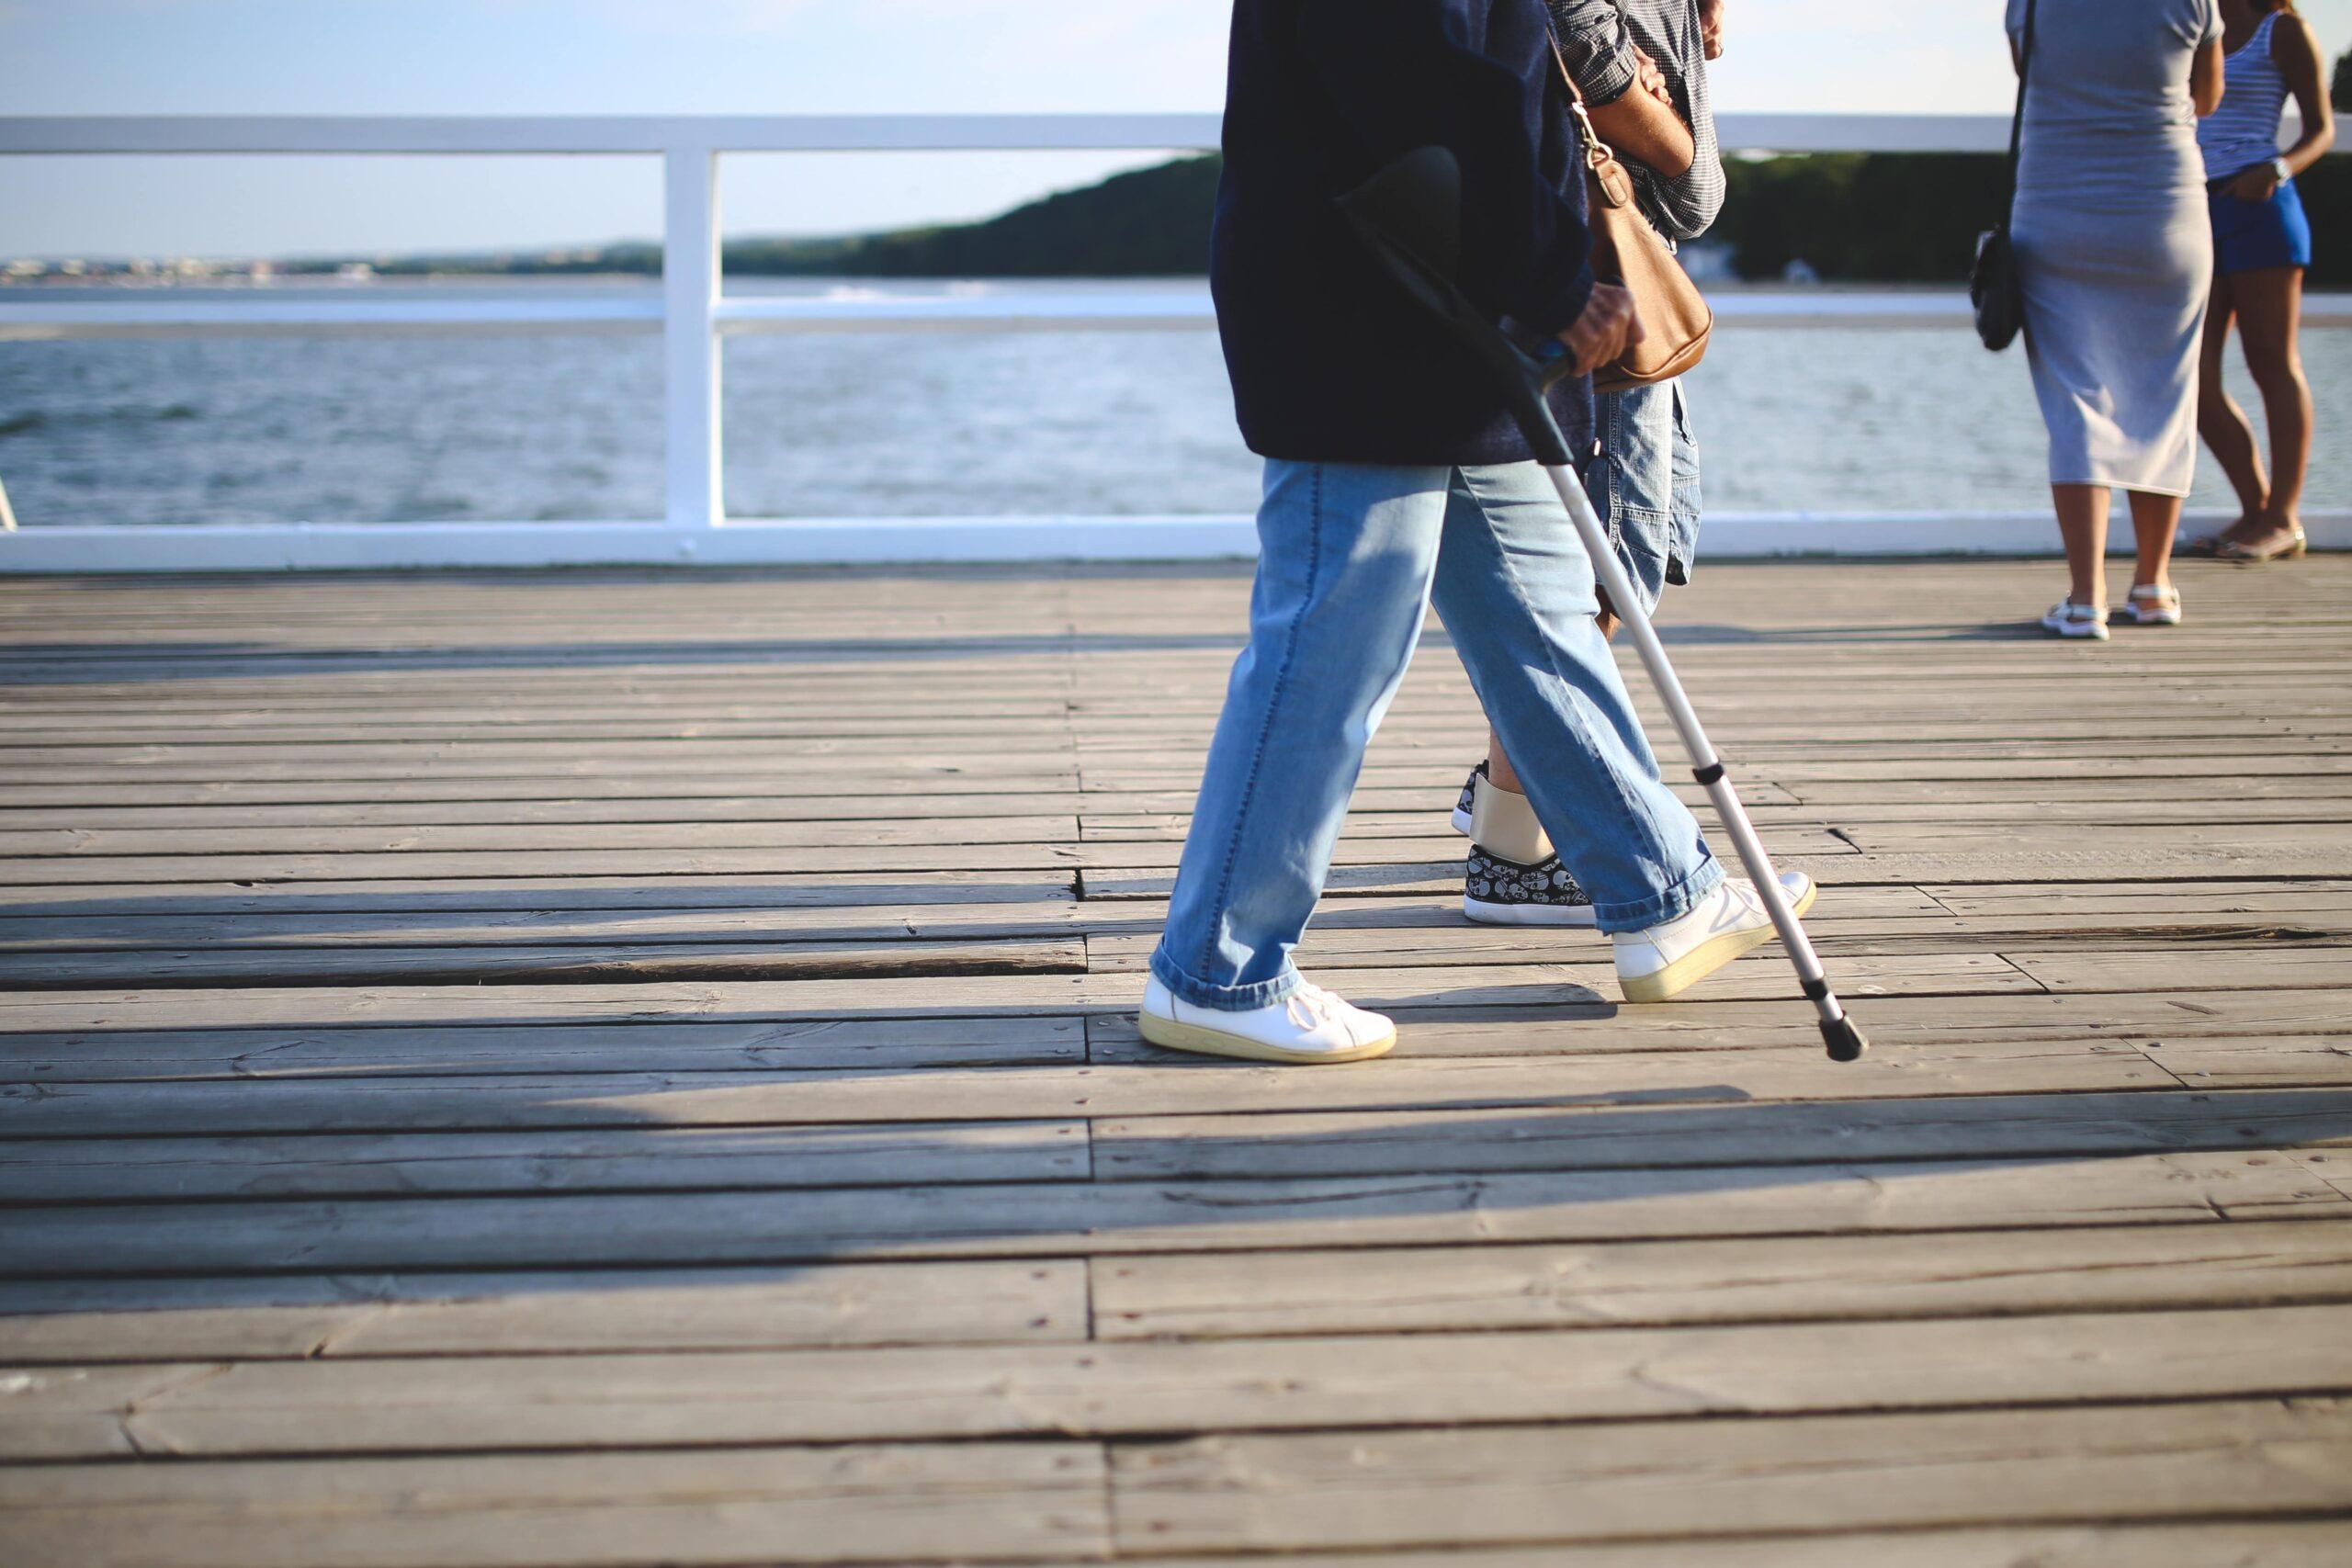 Injured man walking